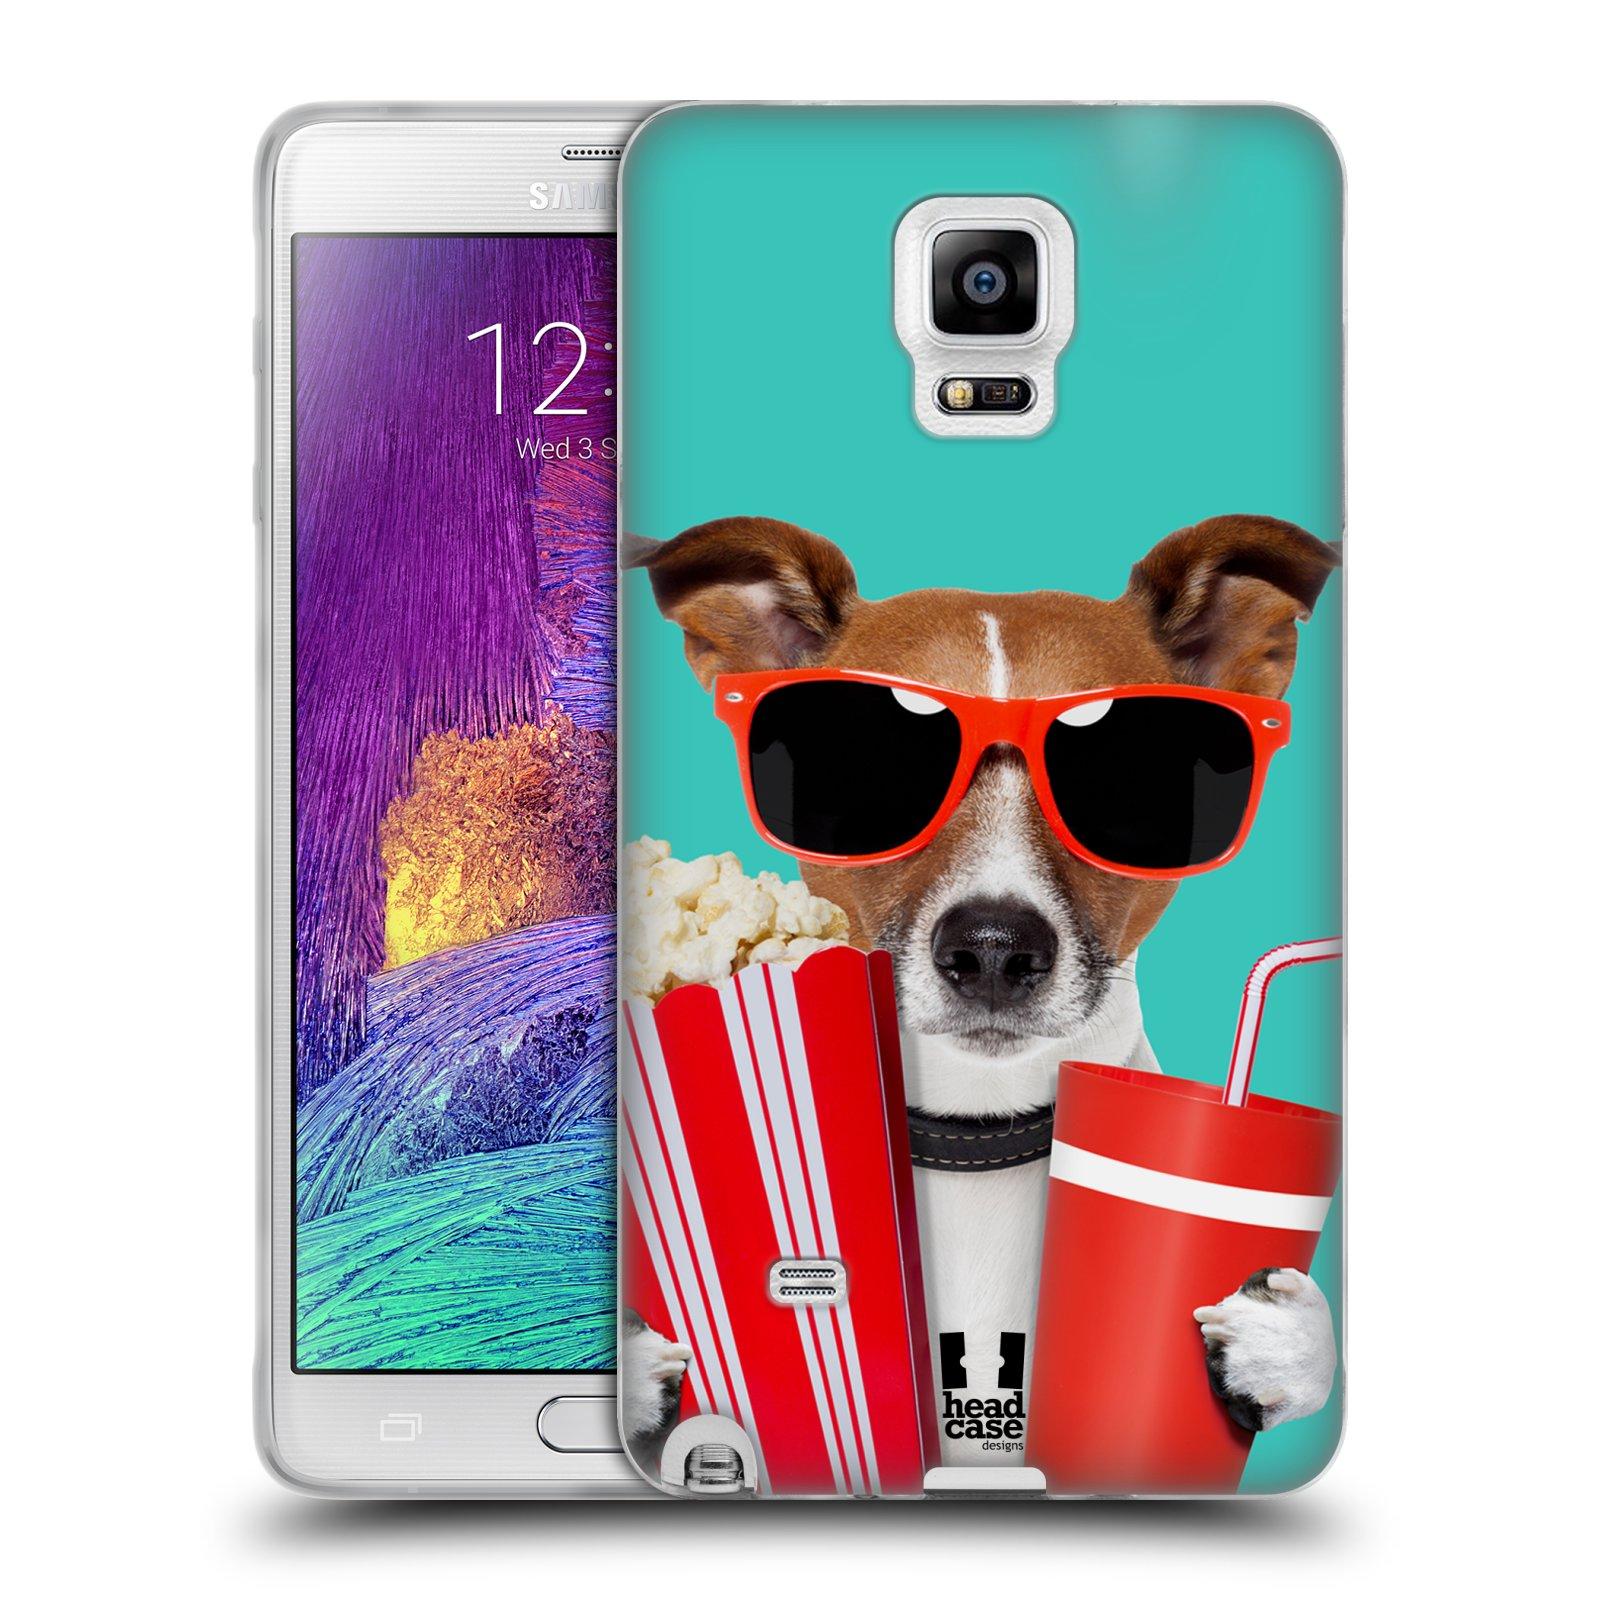 HEAD CASE silikonový obal na mobil Samsung Galaxy Note 4 (N910) vzor Legrační zvířátka pejsek v kině s popkornem